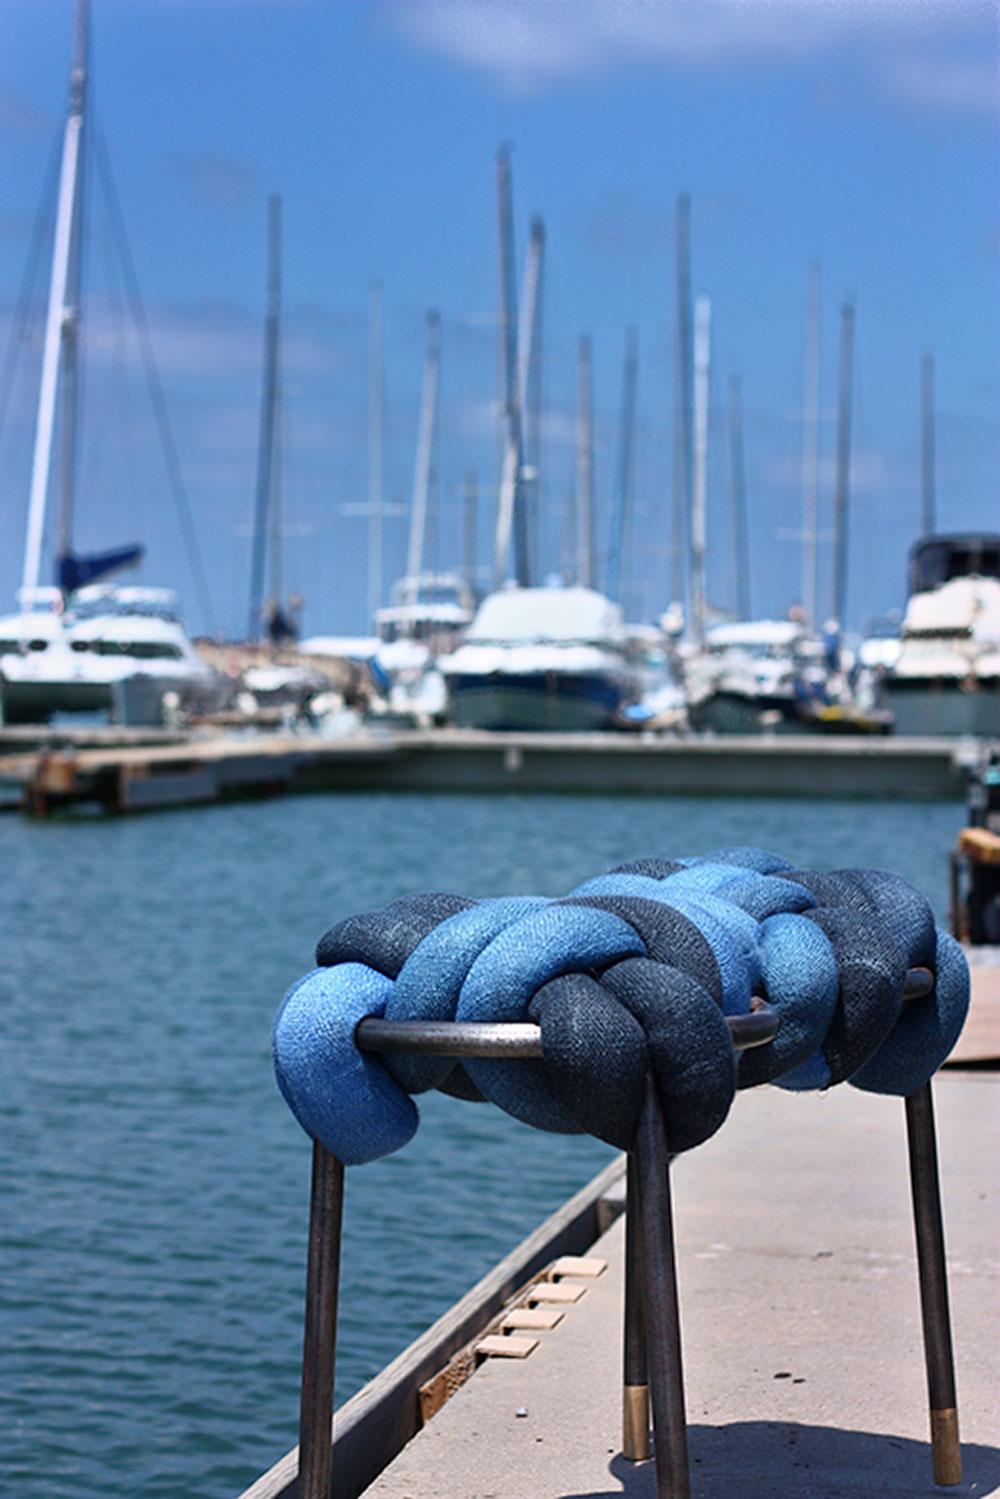 פרויקט הגמר של טסלר - מושבו של השרפרף עם מסגרת המתכת קלוע מגלילי טקסטיל בתלכלת וכחול על רקע הסירות במעגן נמל יפו